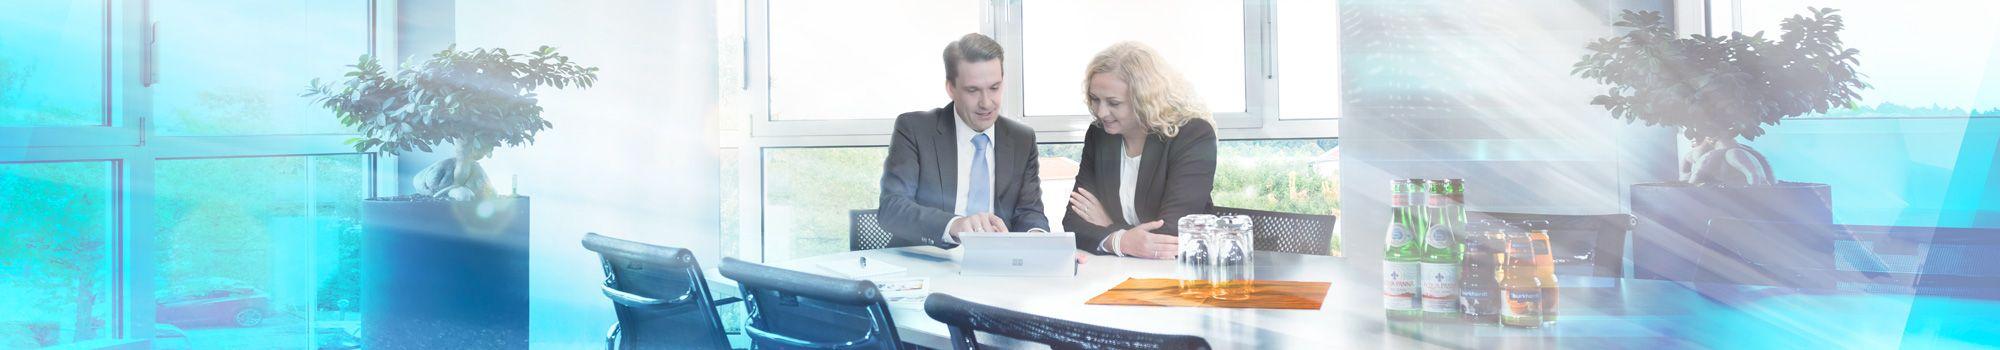 Laufende Optimierung und Digitalisierung von Verwaltungsprozessen